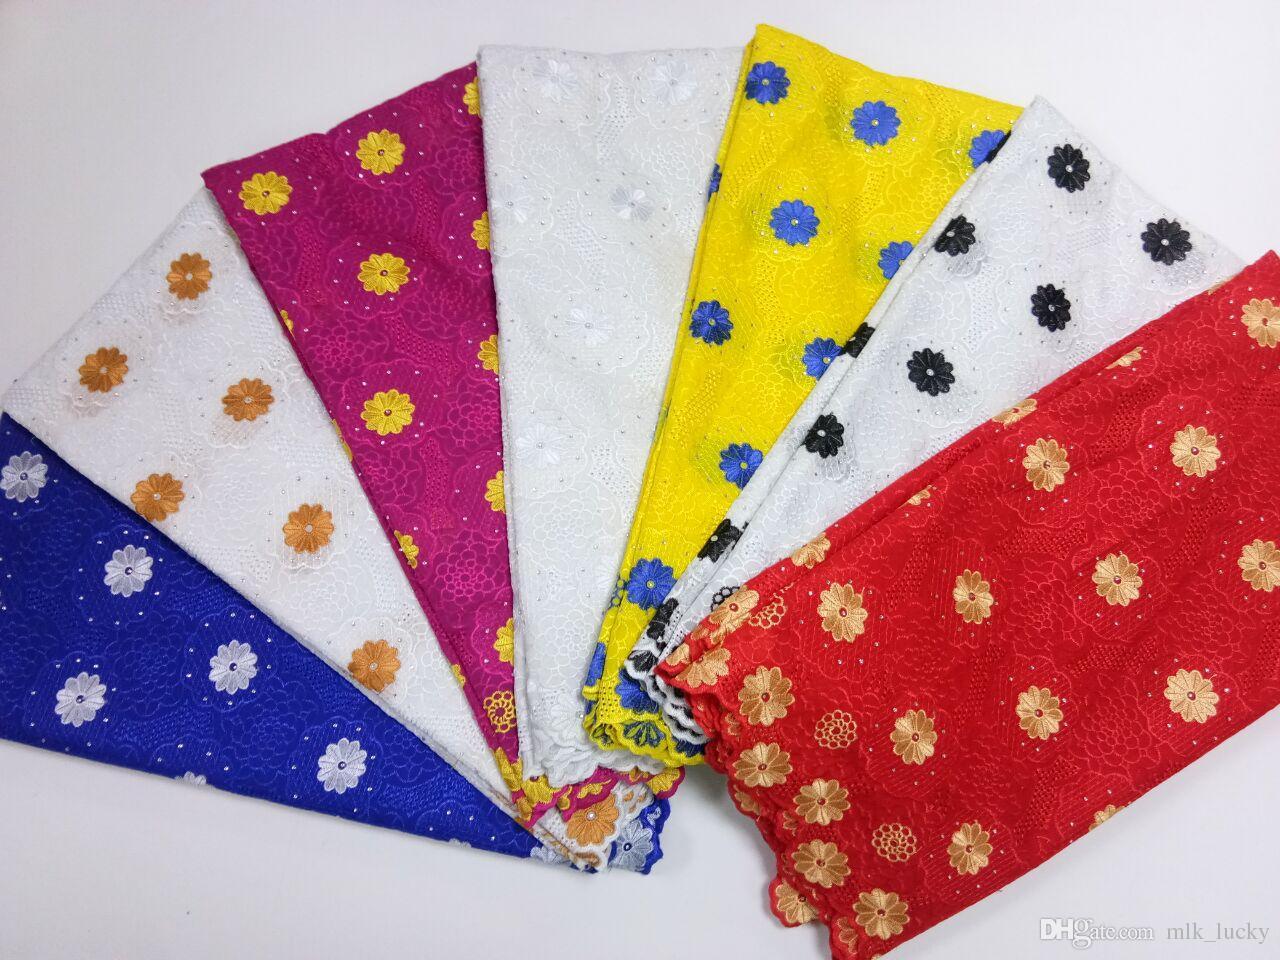 Cordones africanos telas de alta calidad tela de encaje blanco suizo voile encaje con piedras 5 yardas para el banquete de boda